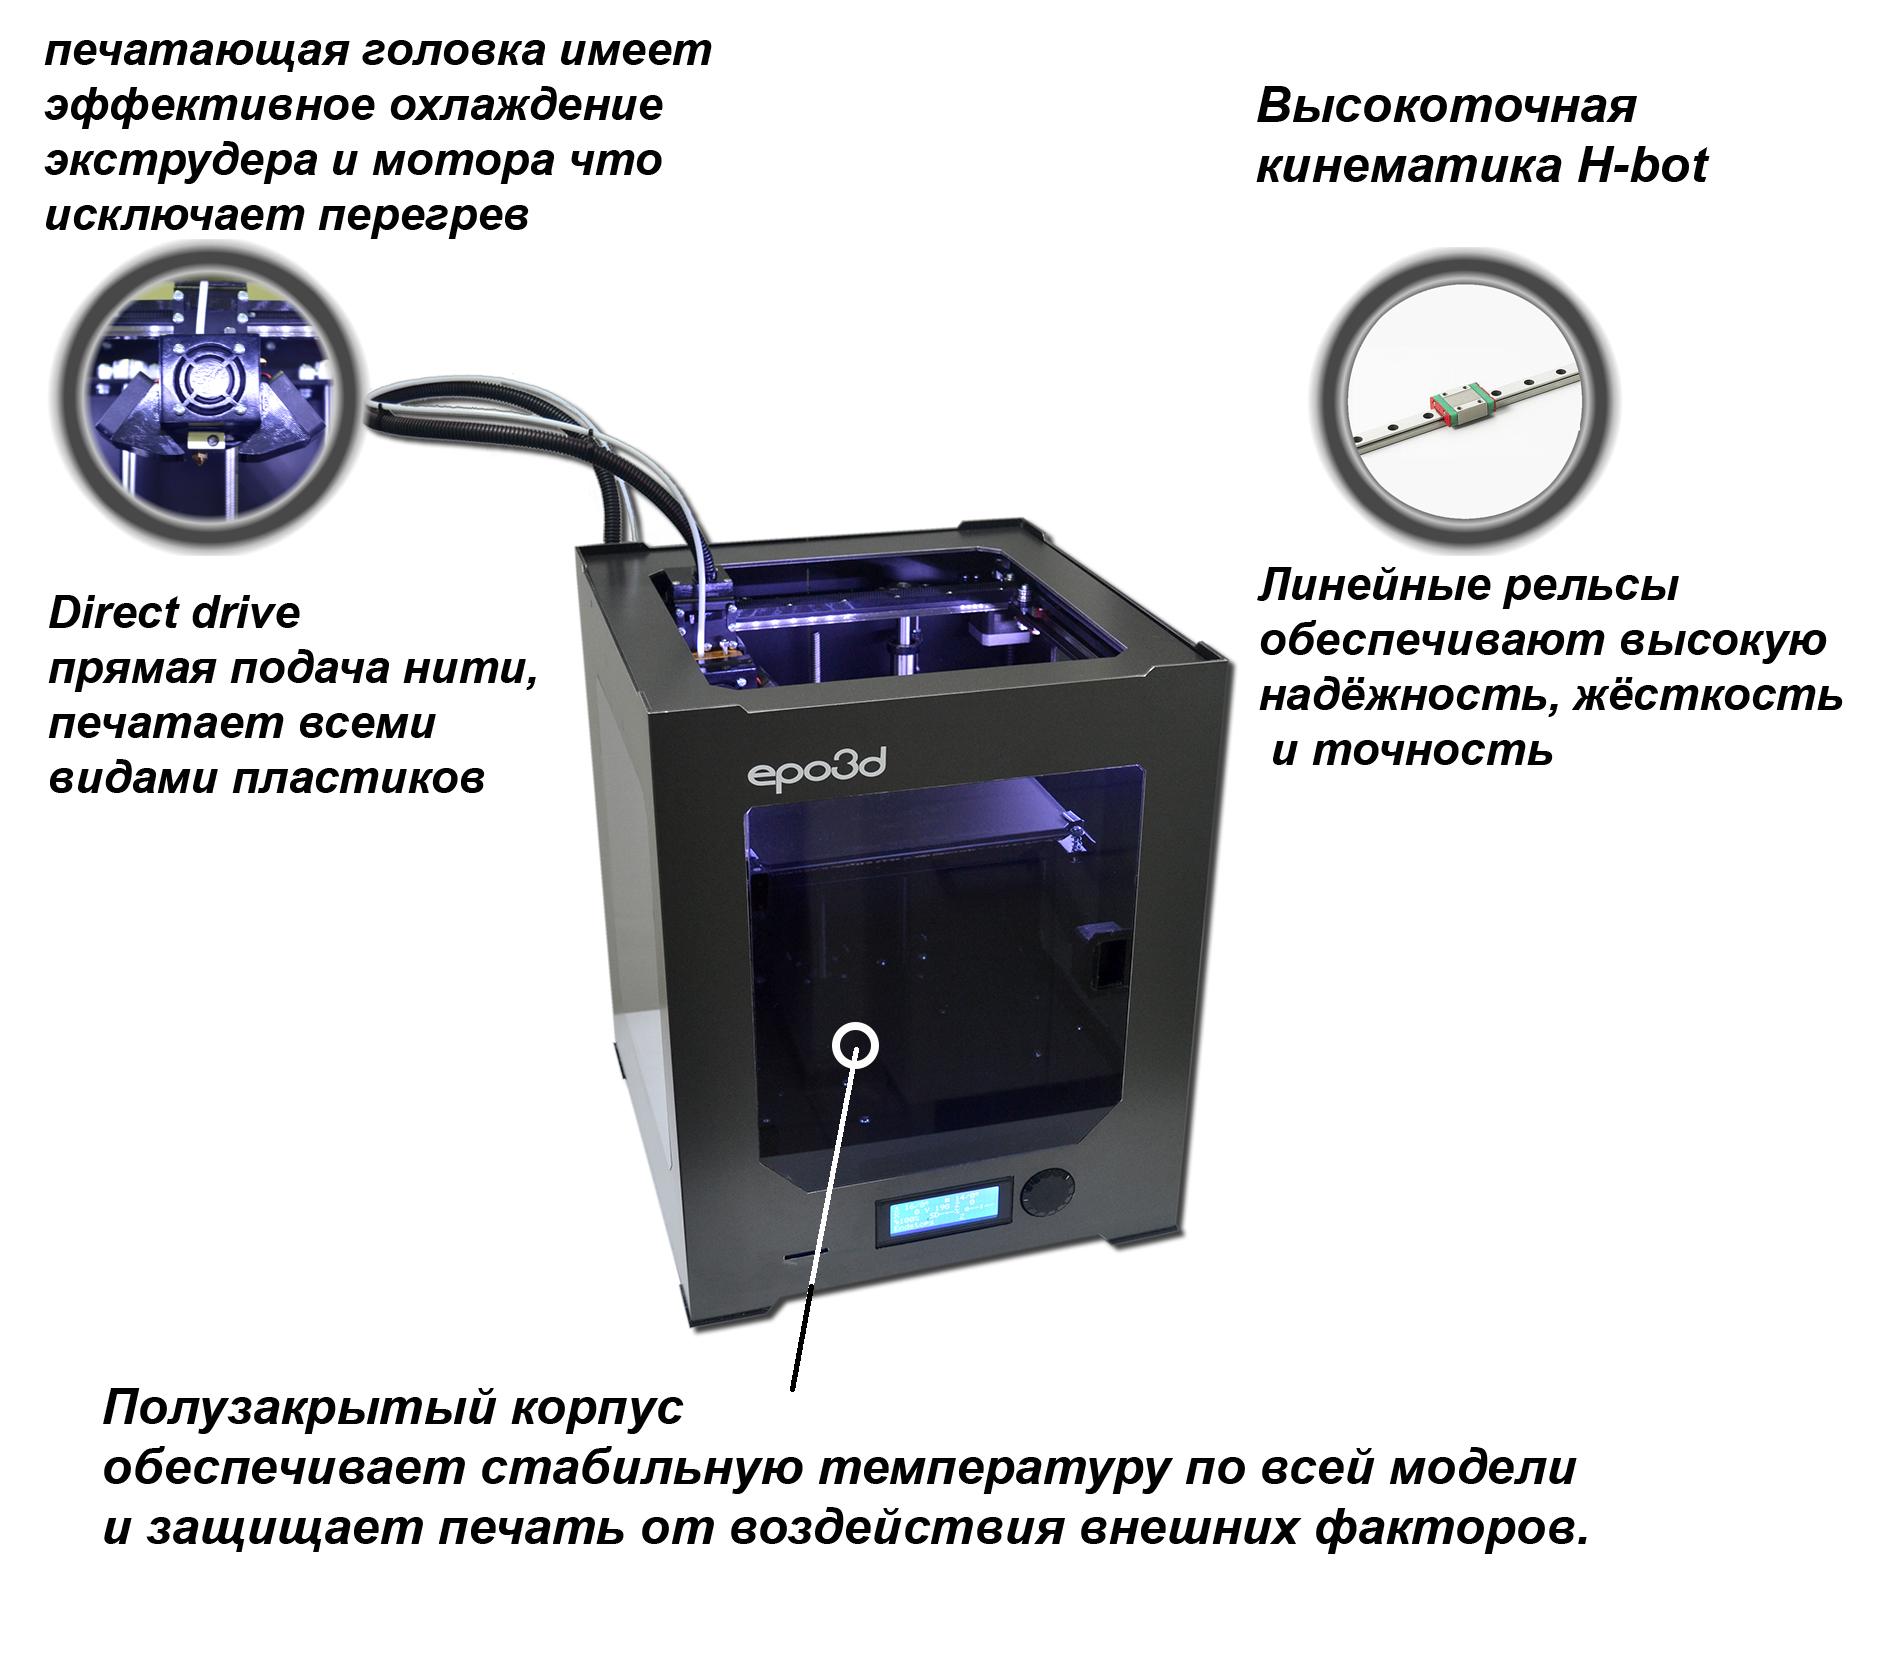 3Д принтер epo3d